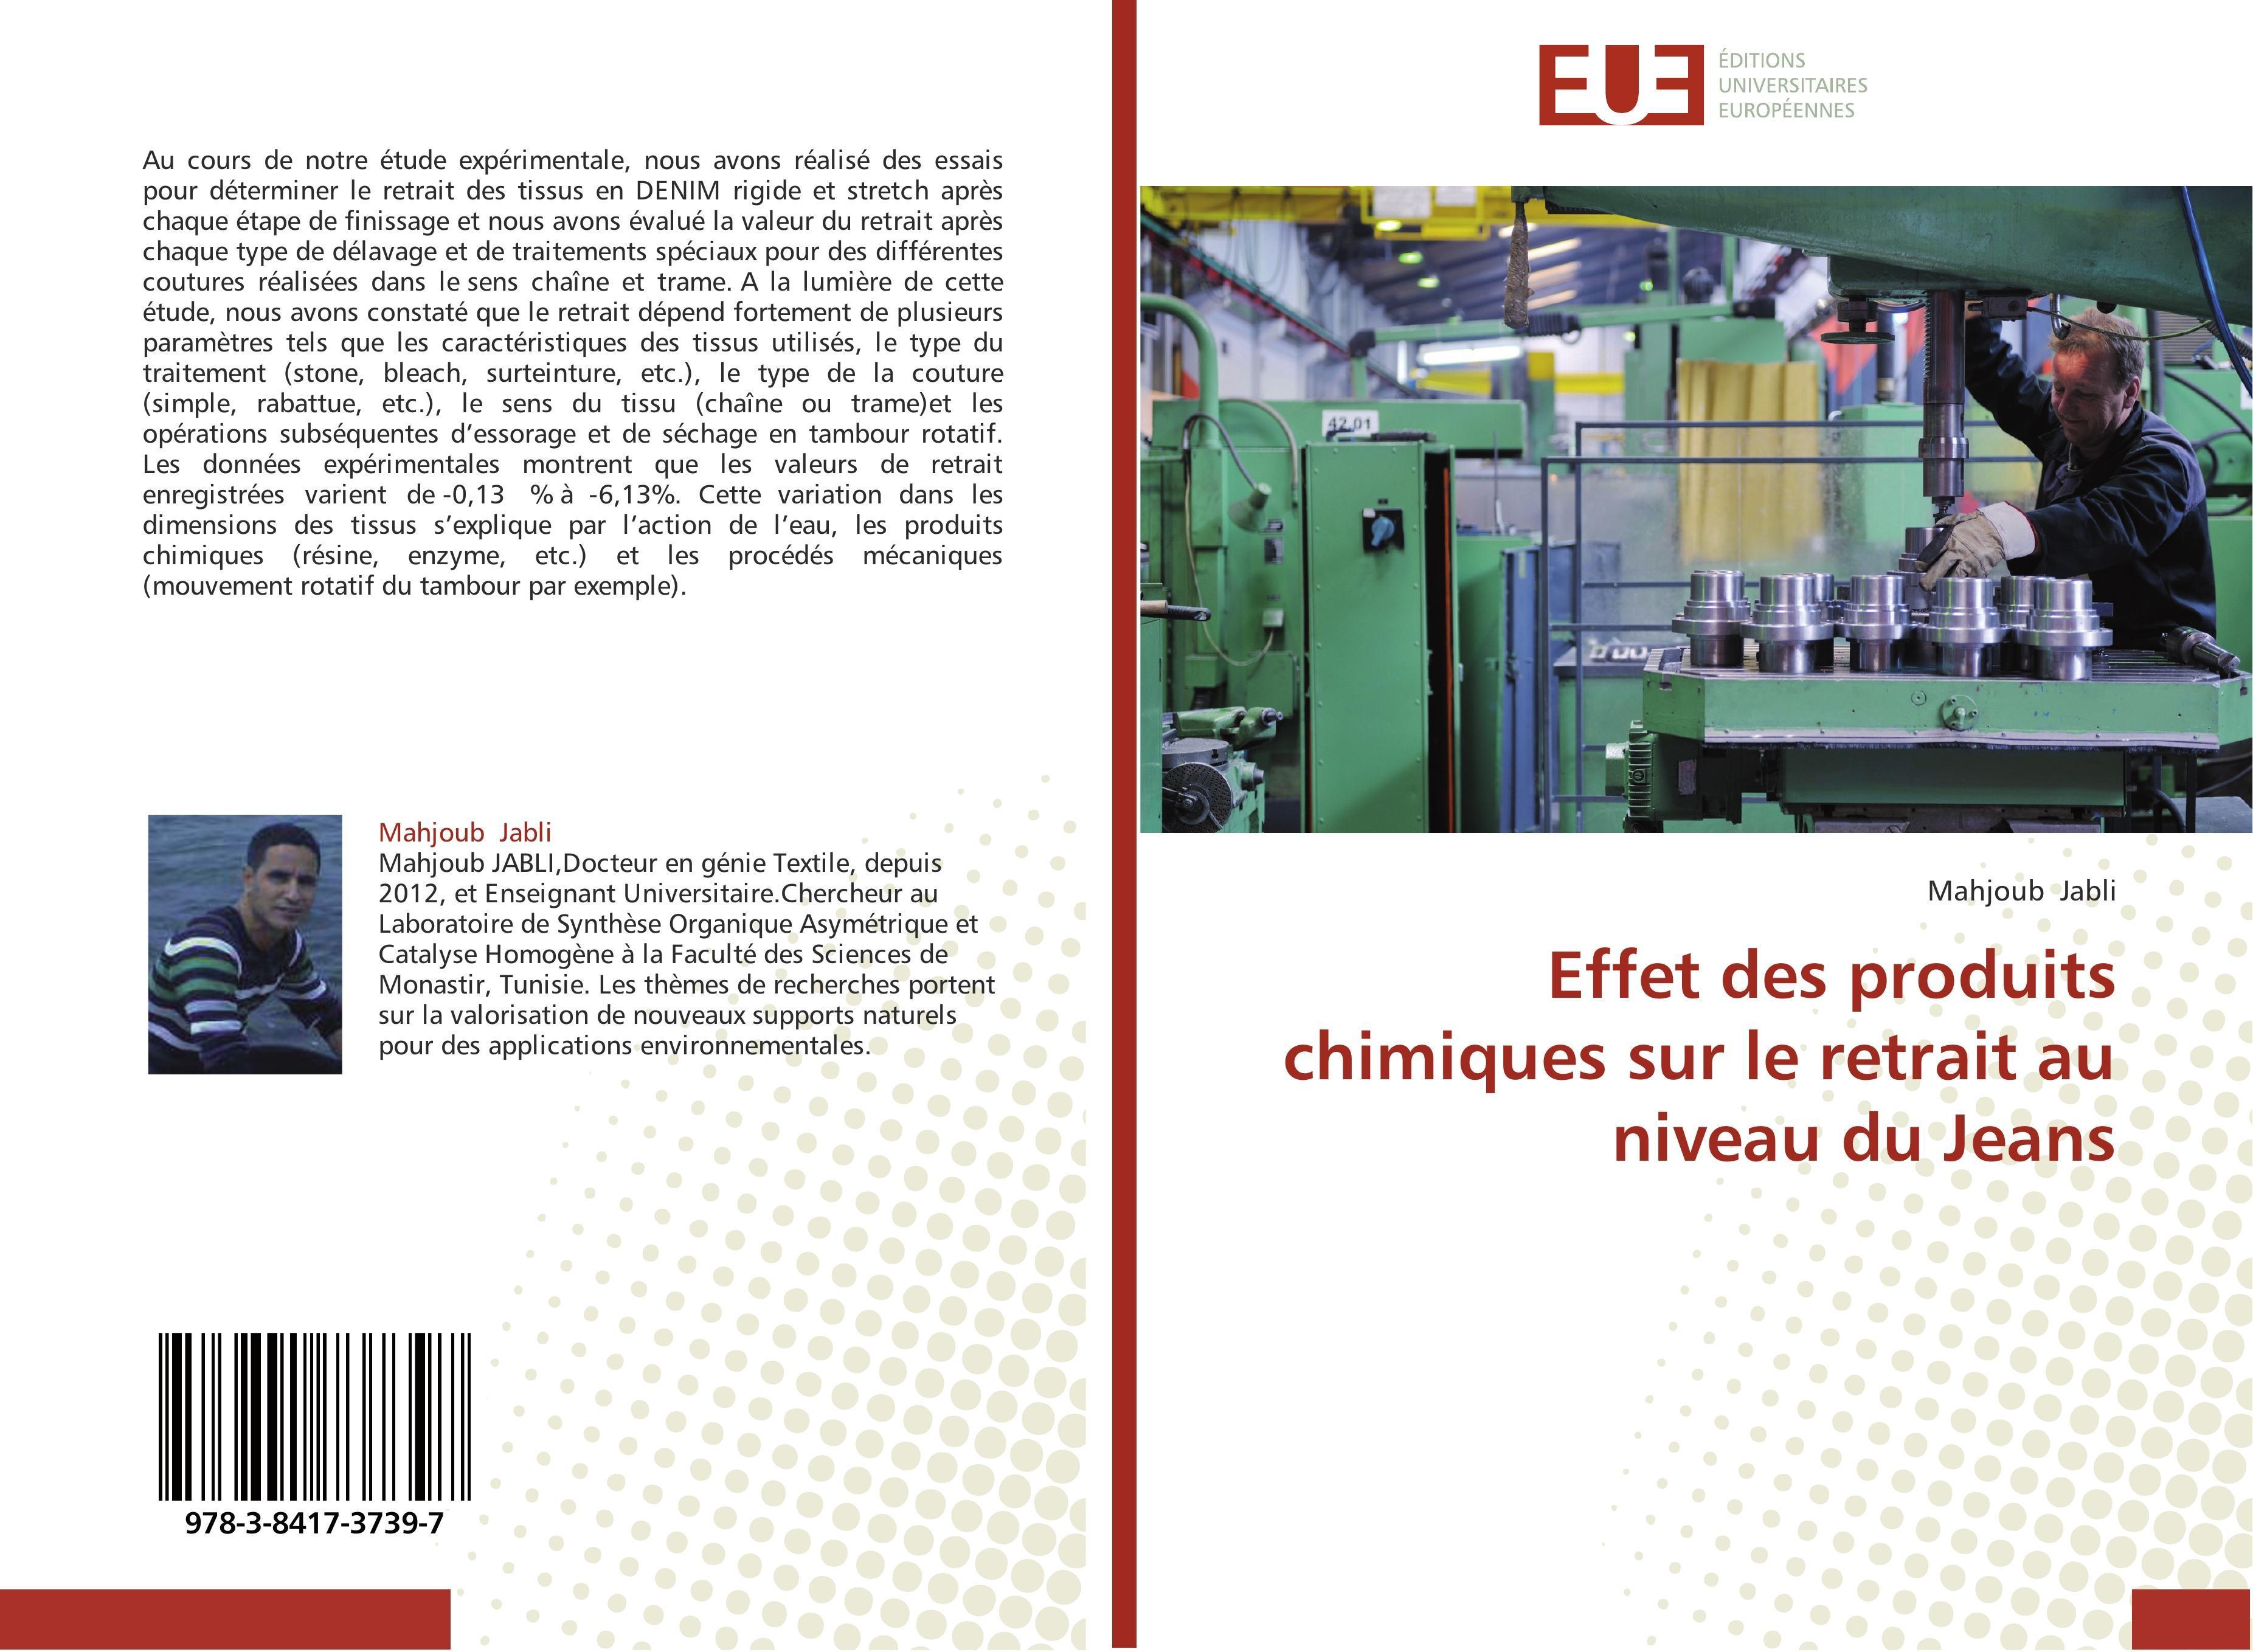 Effet des produits chimiques sur le retrait au niveau du Jea ... 9783841737397